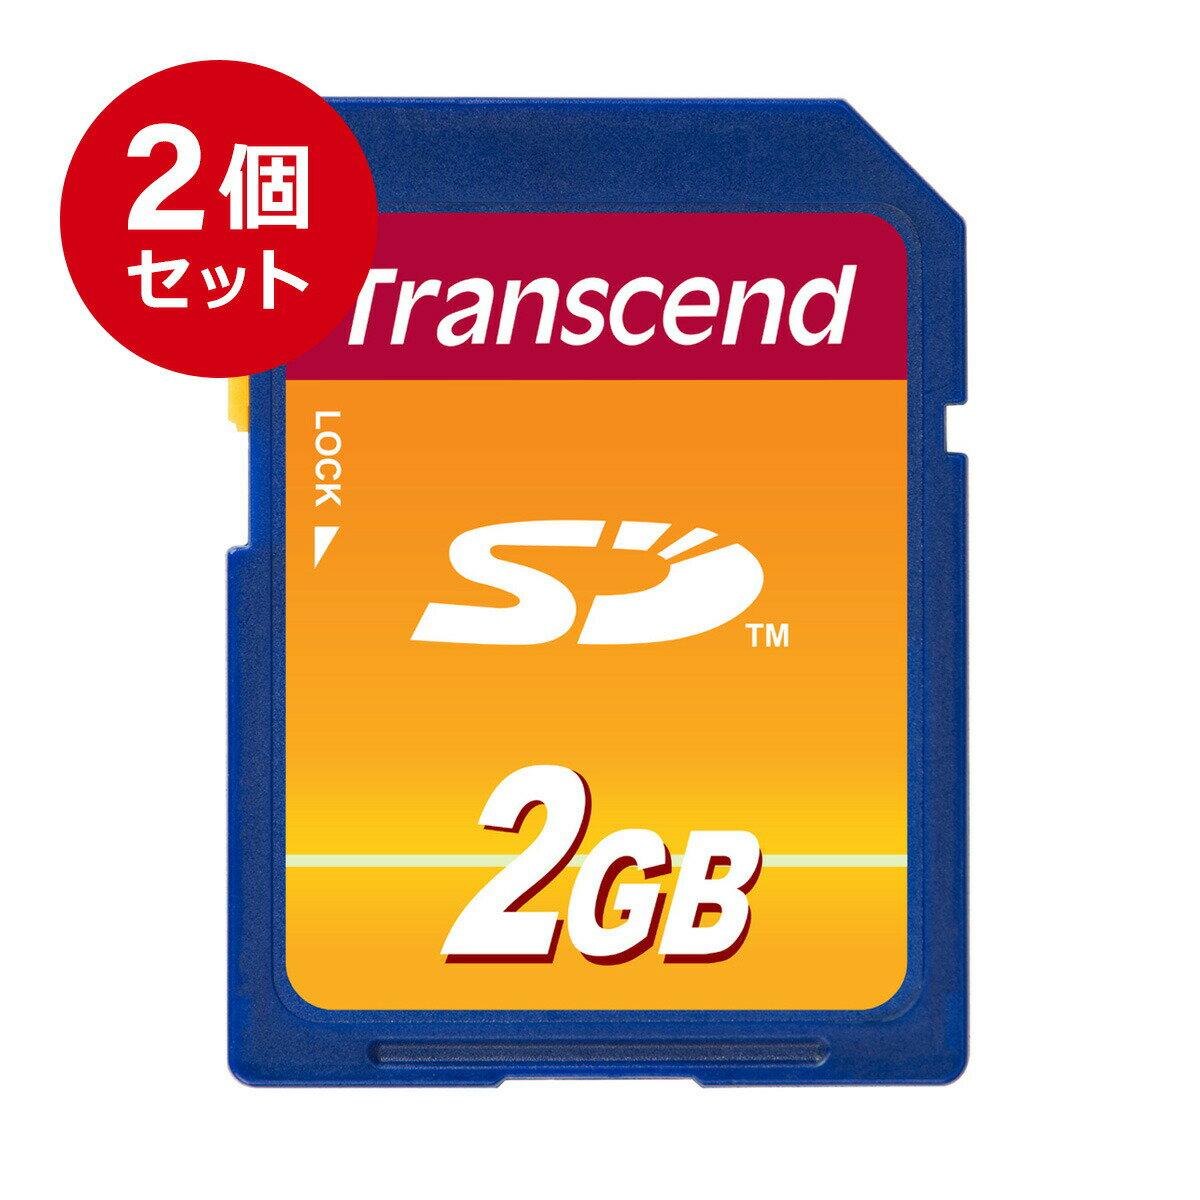 【まとめ割 2個セット】Transcend SDカード 2GB 5年保証 Wii対応 SDメモリーカード 入学 卒業[TS2GSDC]【ネコポス対応】【楽天BOX受取対象商品】